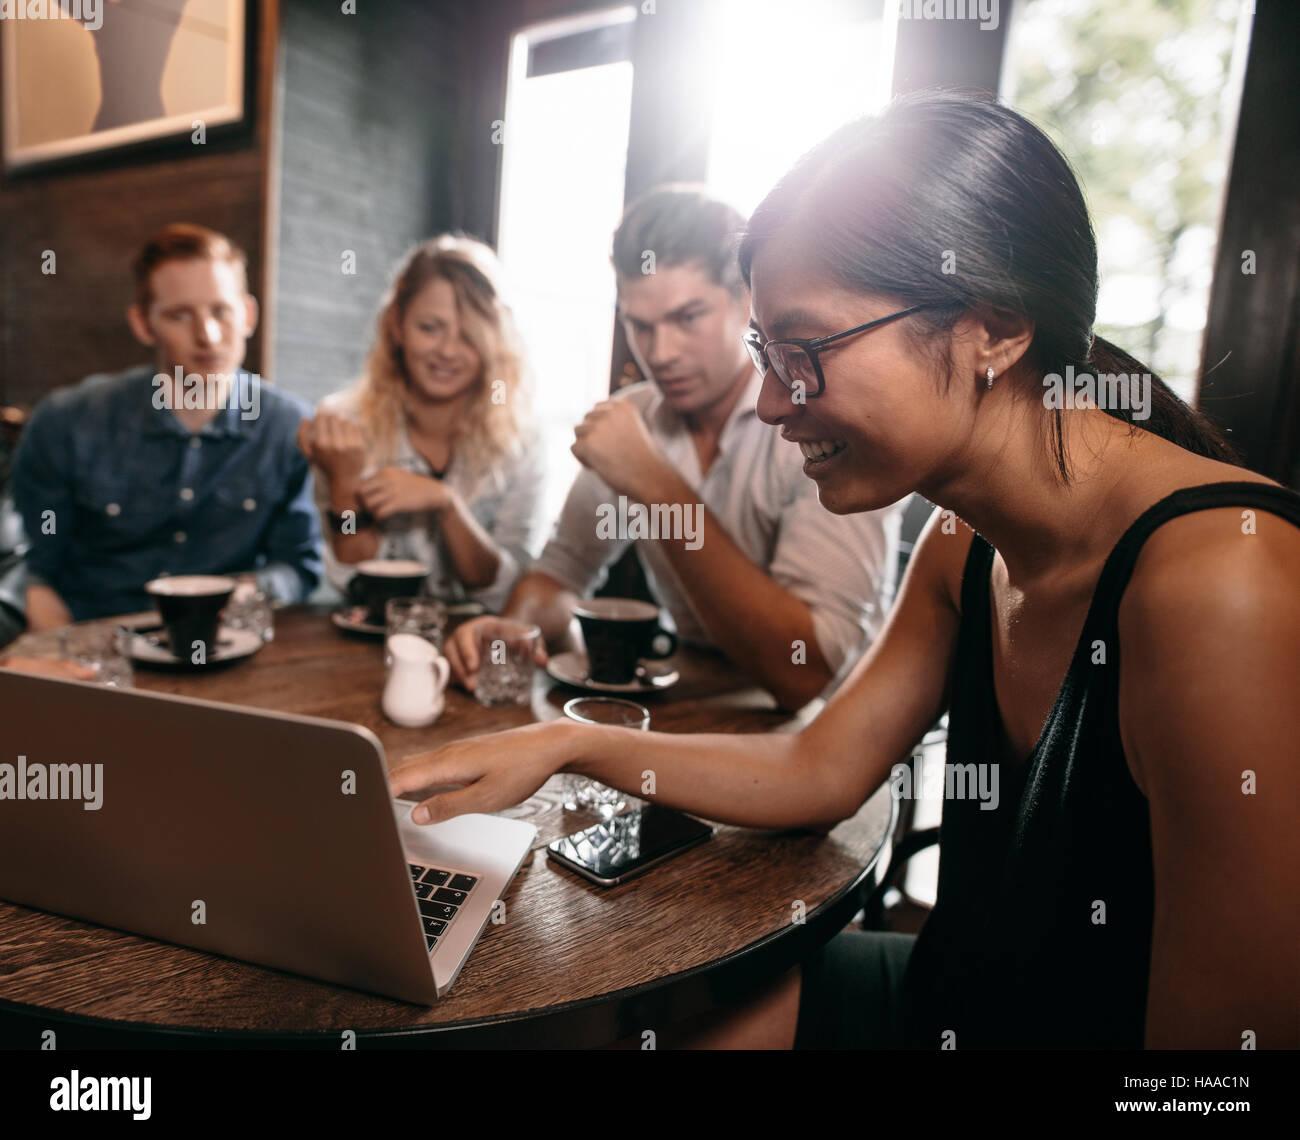 Grupo de amigos en el café viendo algo en línea en una computadora portátil. Hombres y mujeres jóvenes Imagen De Stock